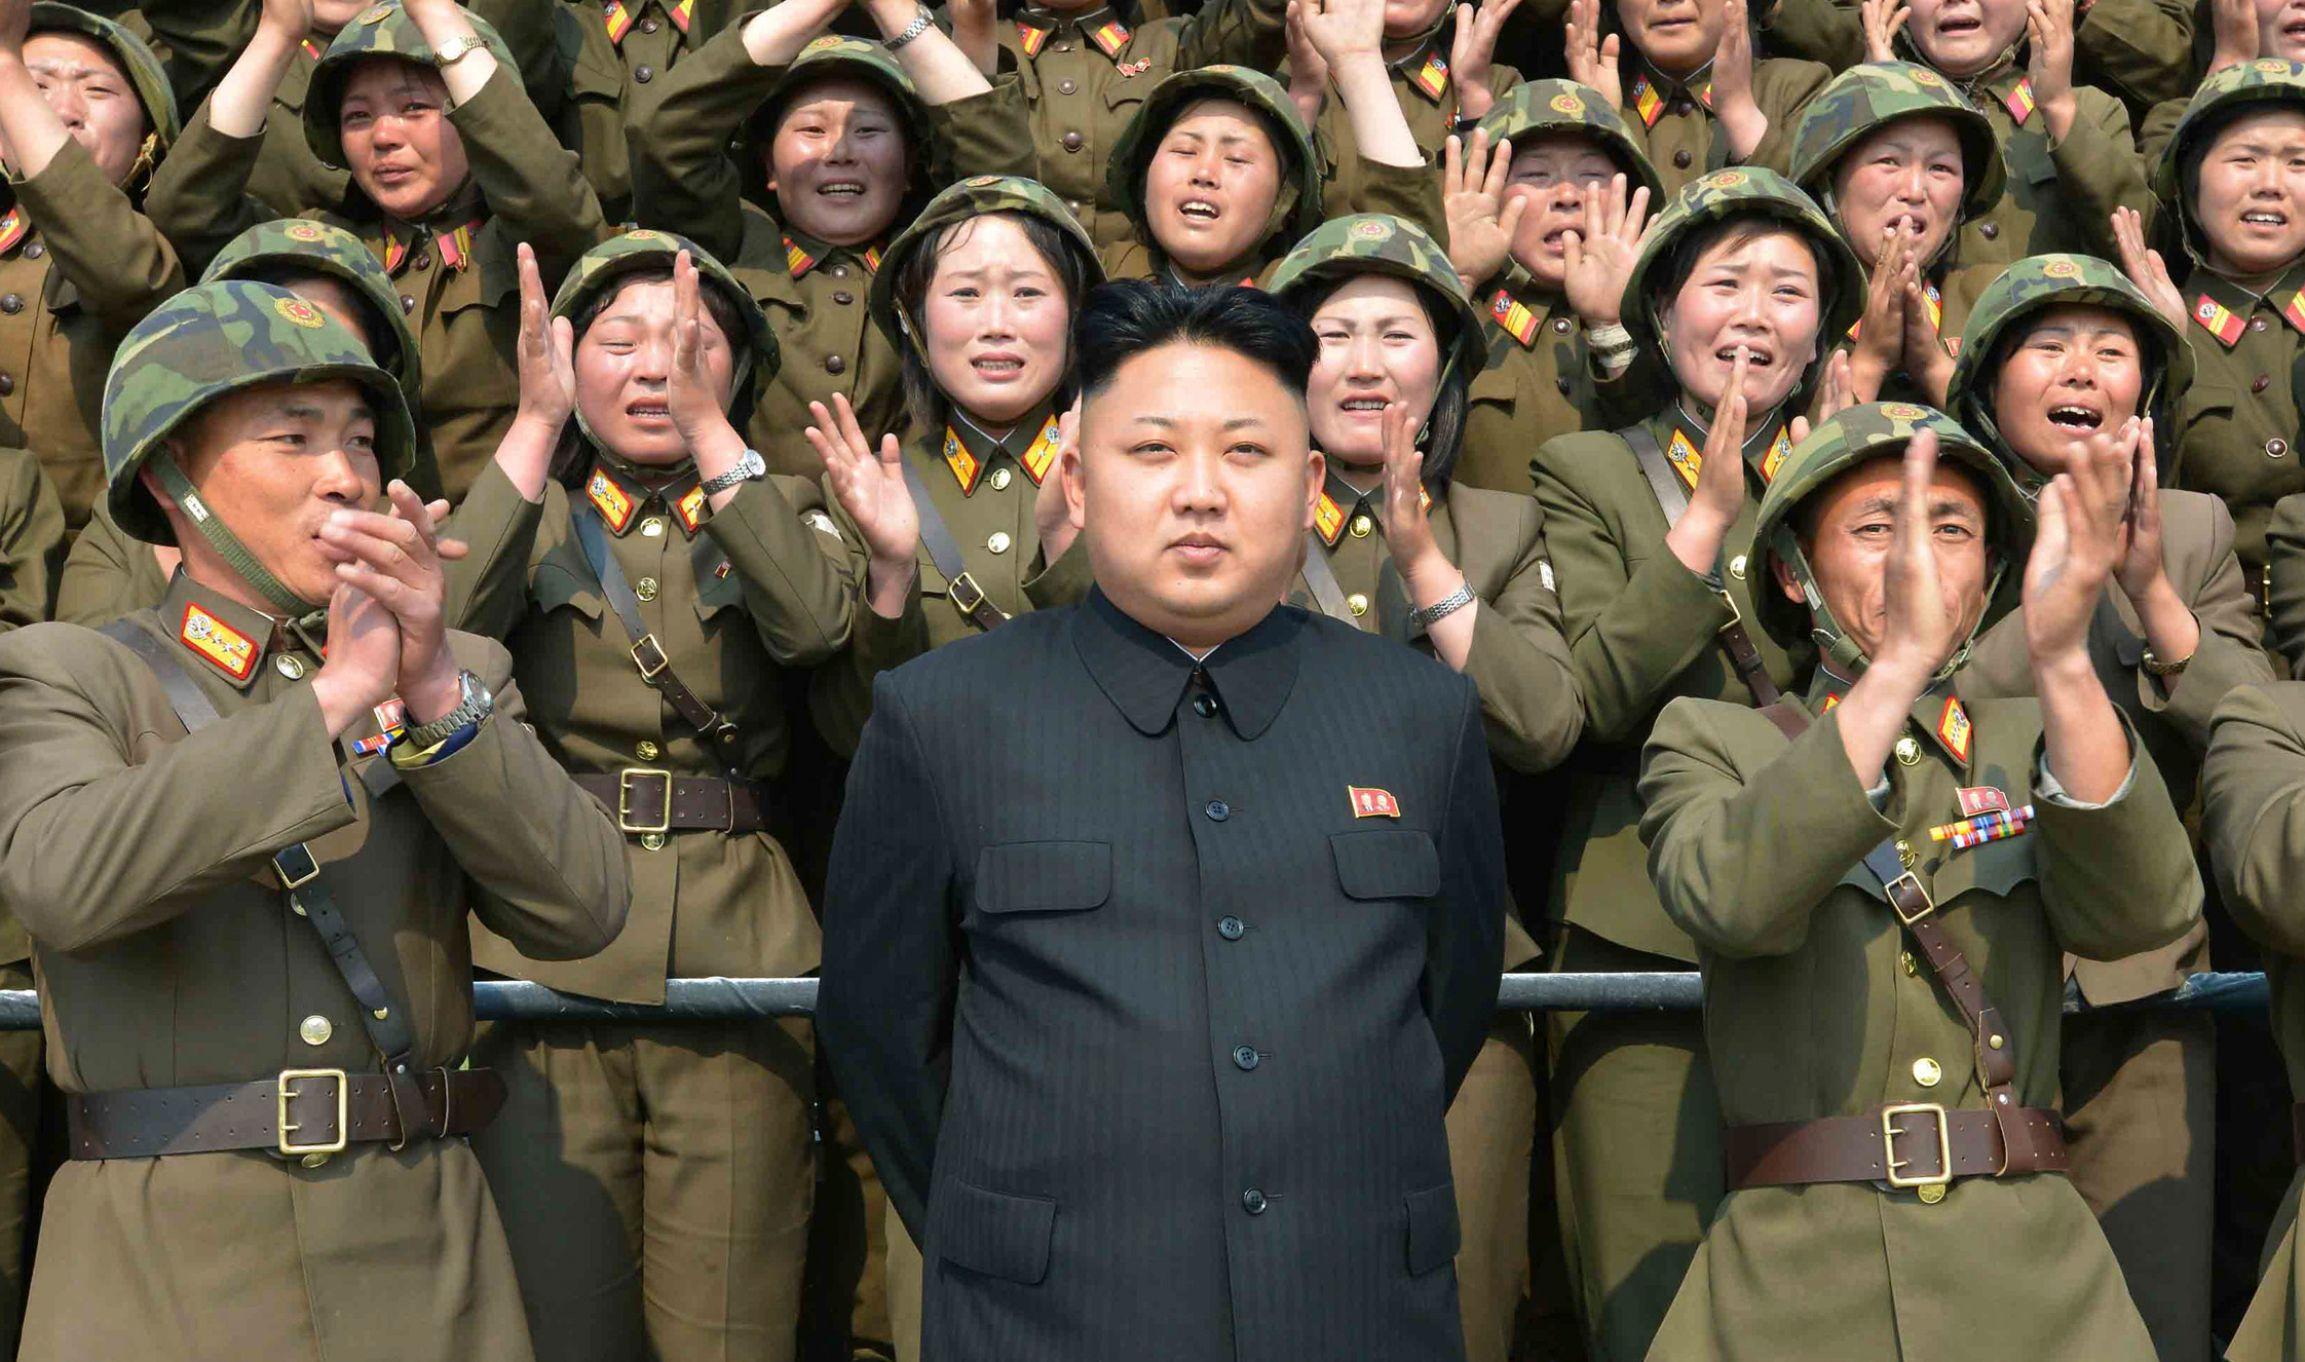 Coreia do Norte acusada de tortura e assassinato por posse de Bíblias